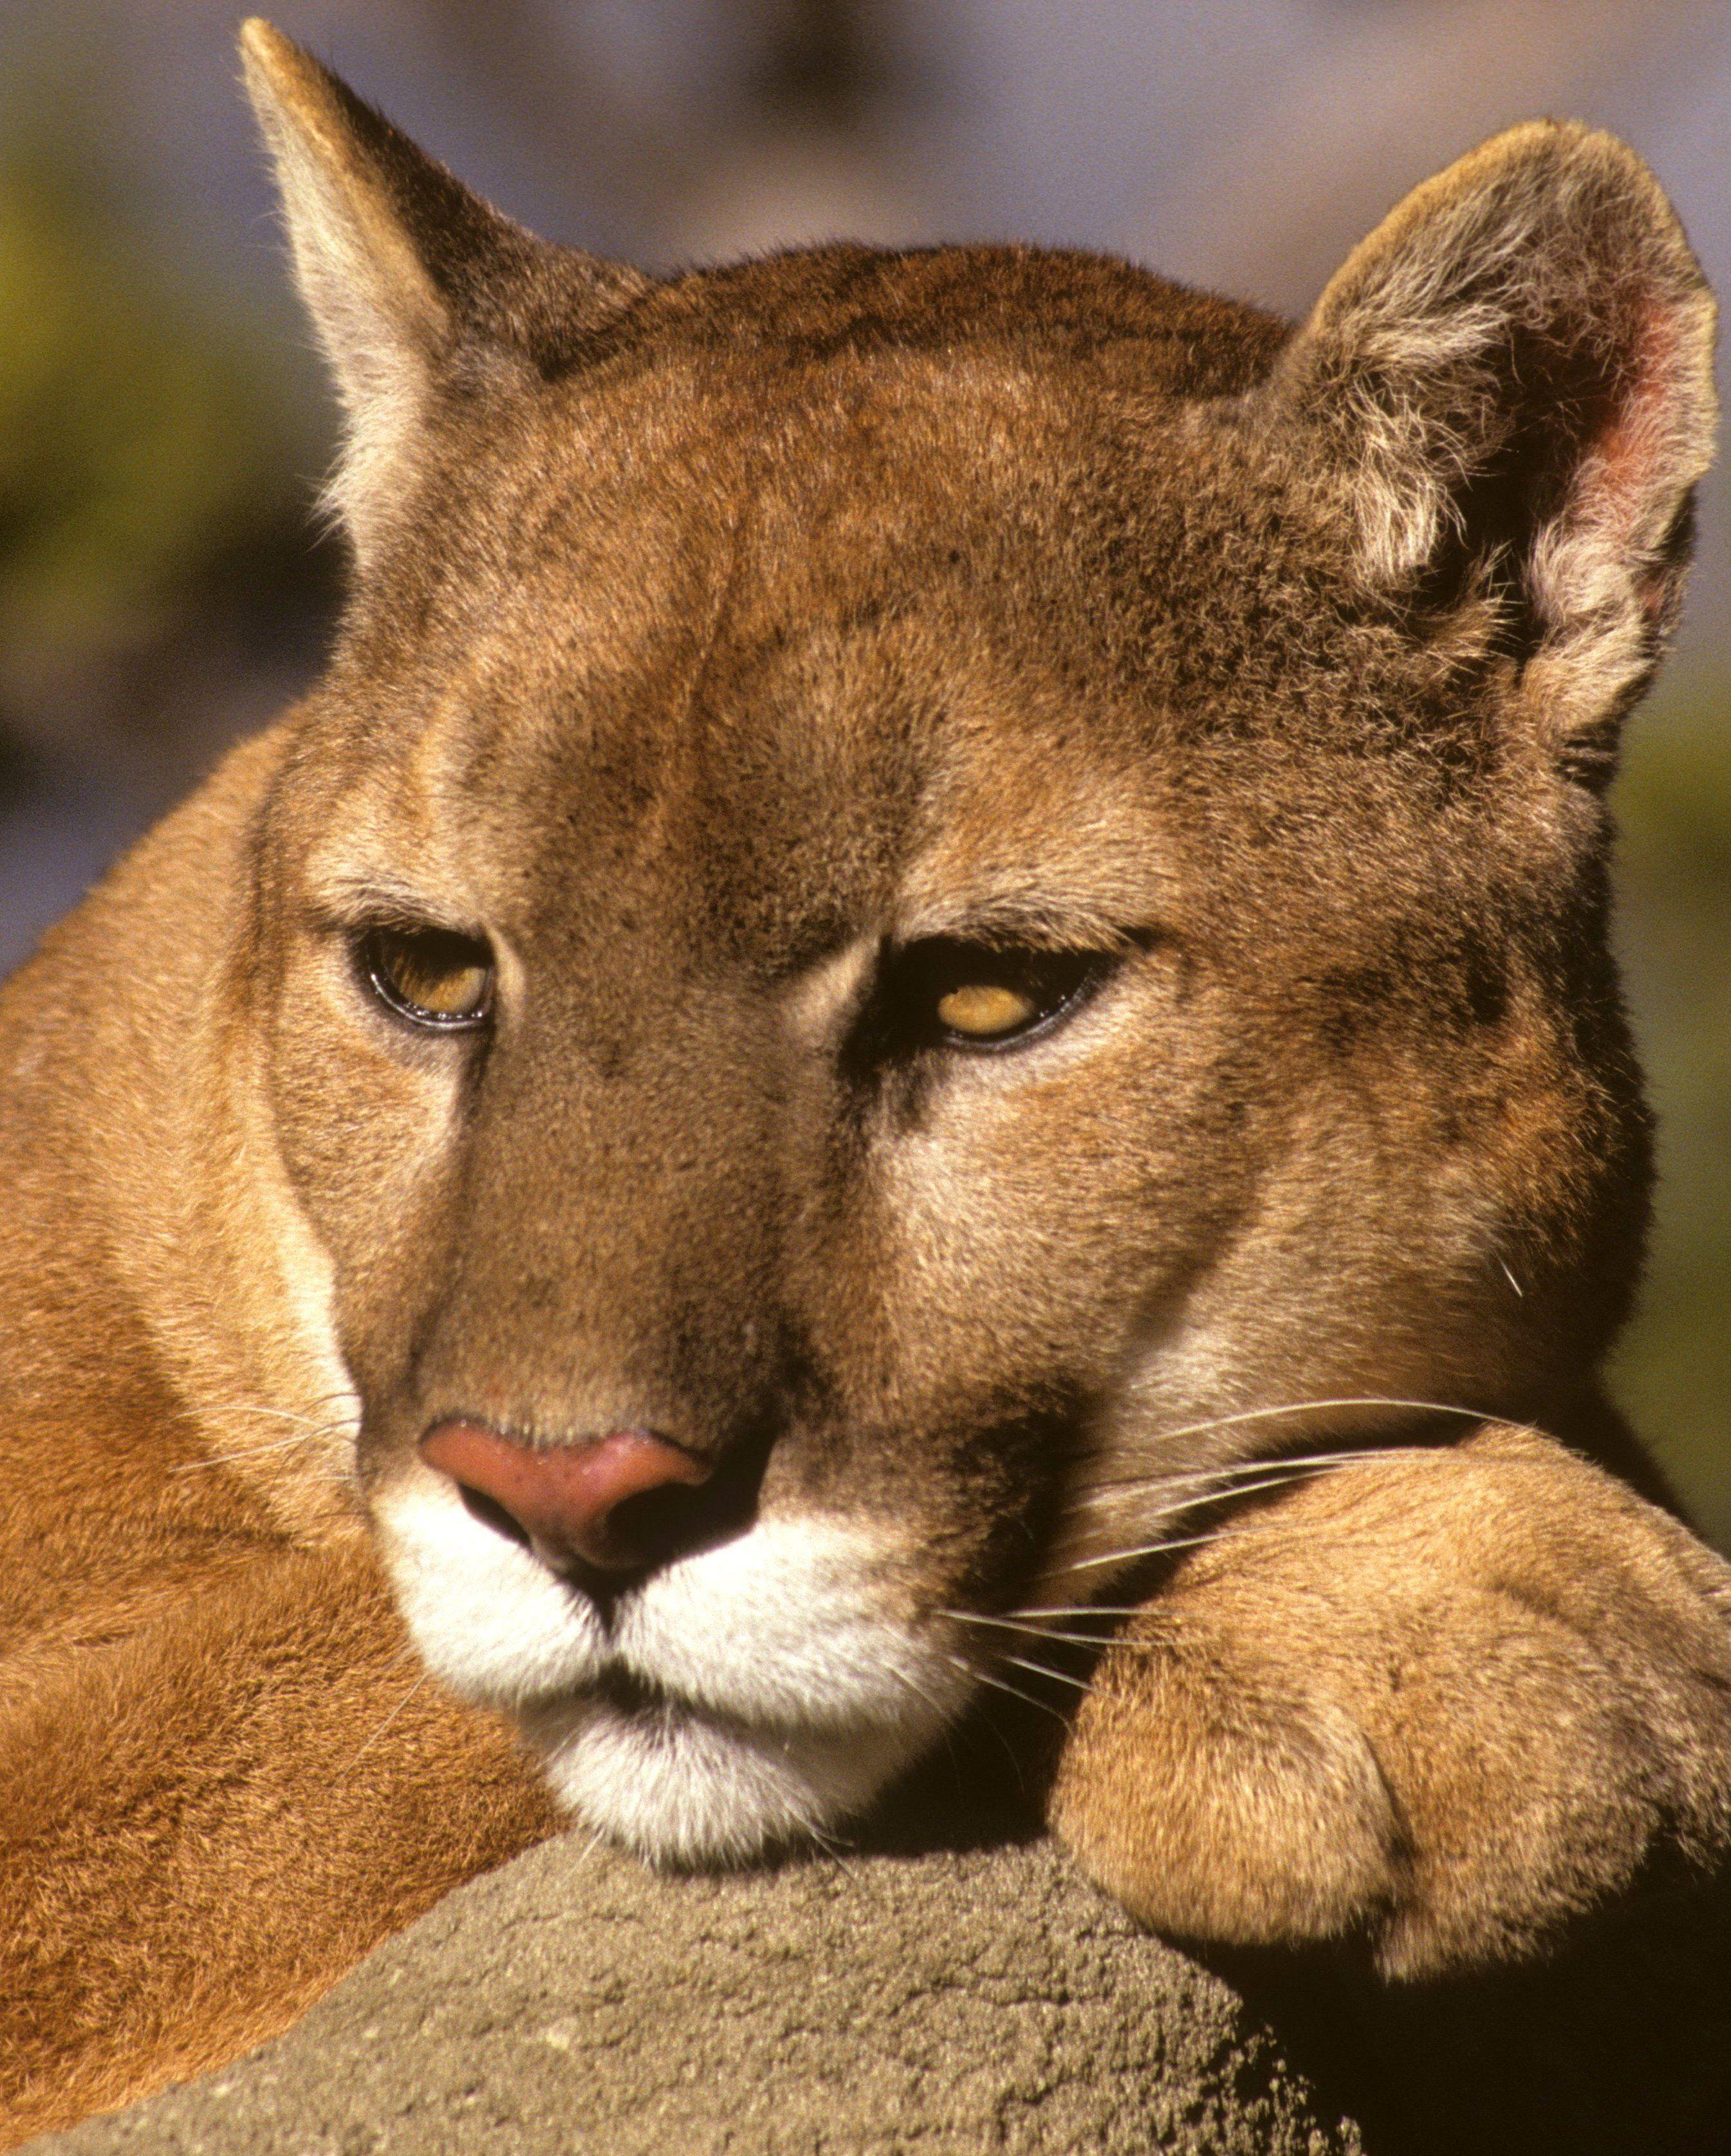 ec8b890a6f105 Cougar  cette espèce est désormais éteinte. Par LEXPRESS.fr